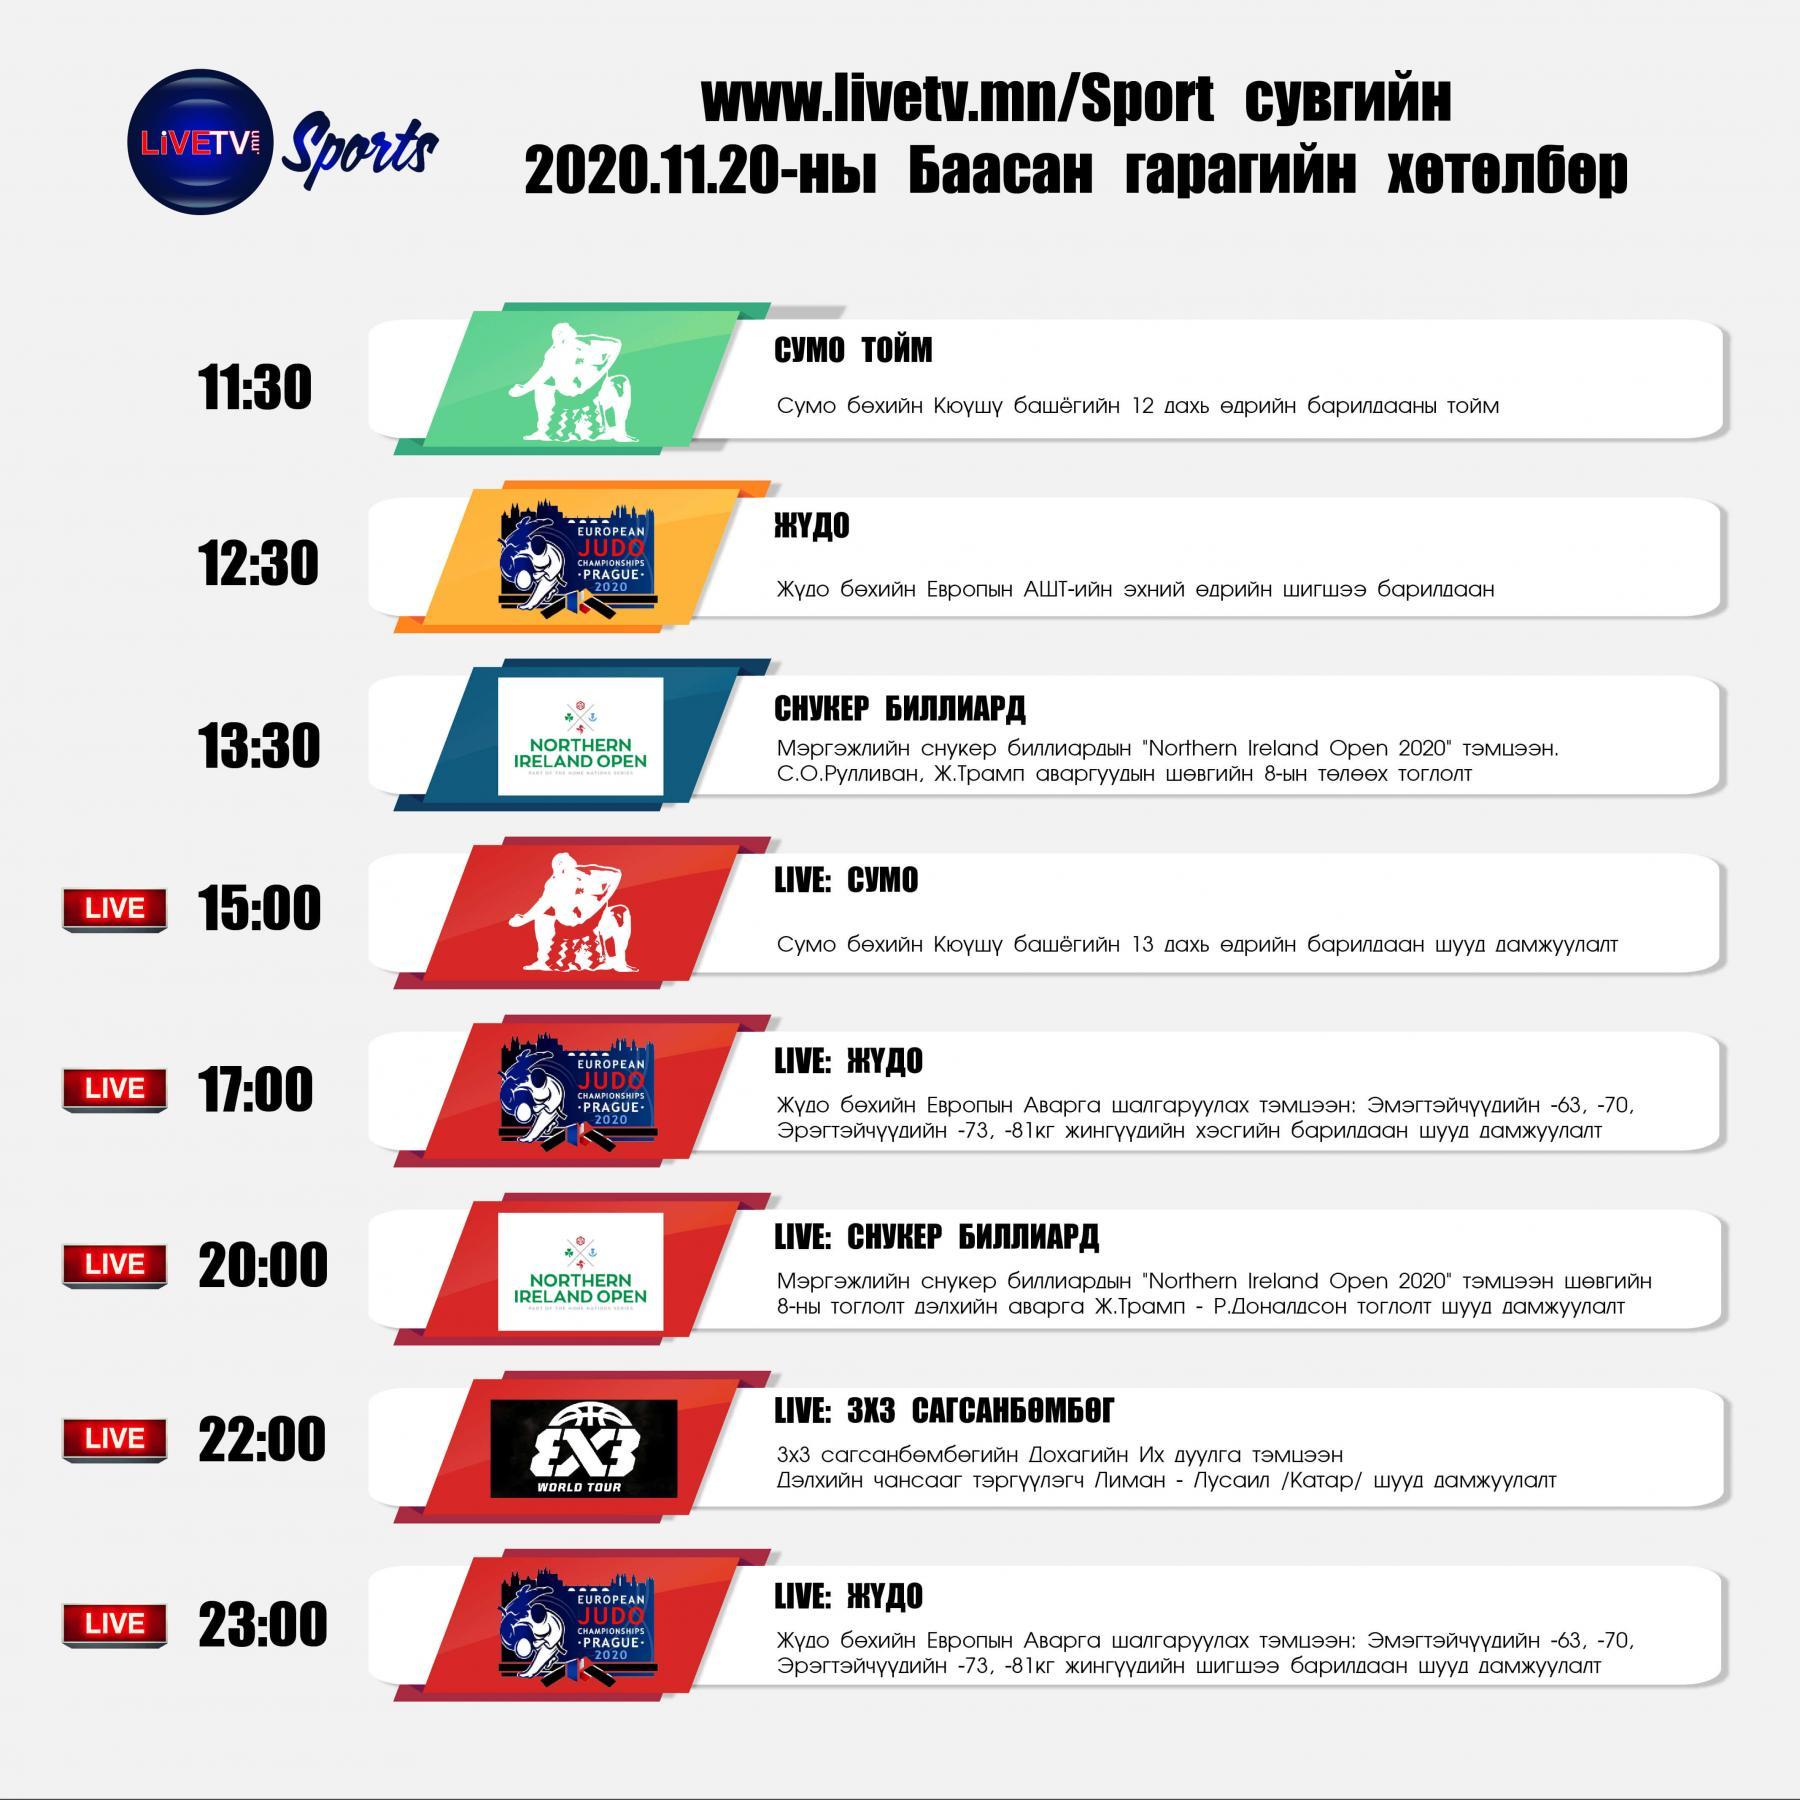 Спортын төрөлжсөн livetv.mn/sport сувгийн хөтөлбөр